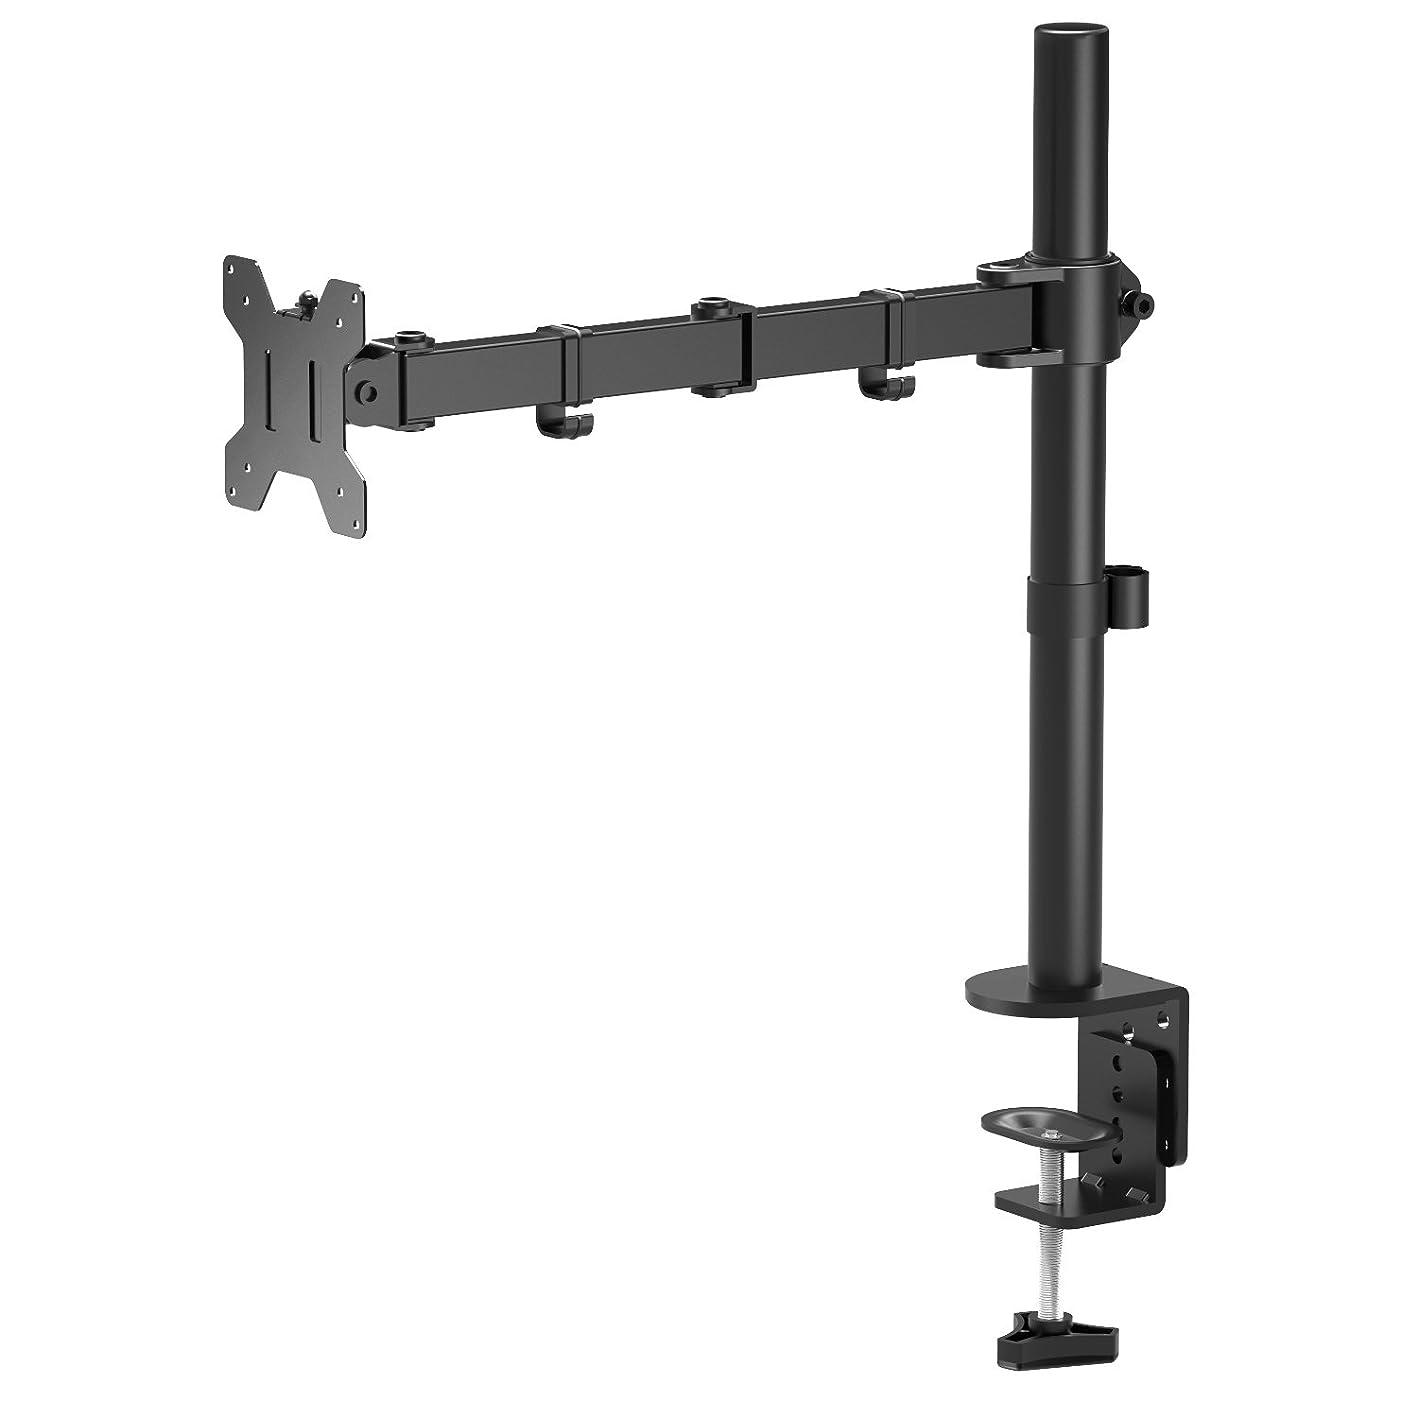 の前でおんどりリスト1homefurnit PCモニターアーム 1画面 ディスプレイアーム モニター台 13-27インチ対応 VESA:75x75mm/100x100mm 1年保証